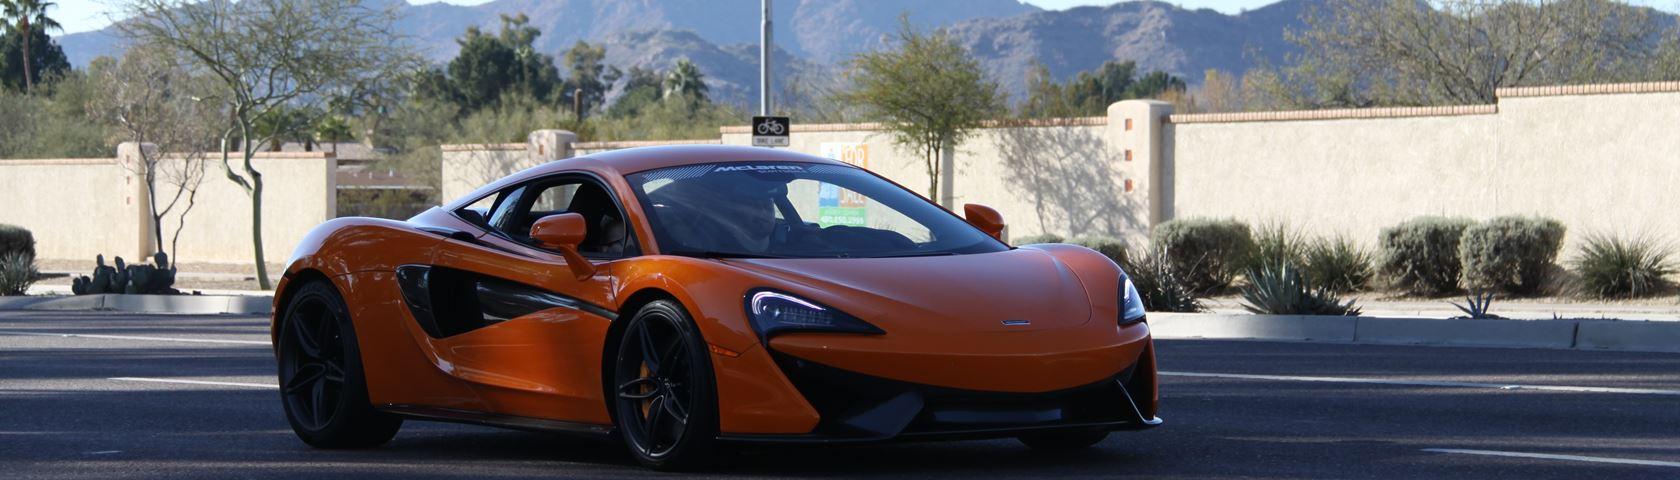 McLaren 570s (Front/Rolling Shot)